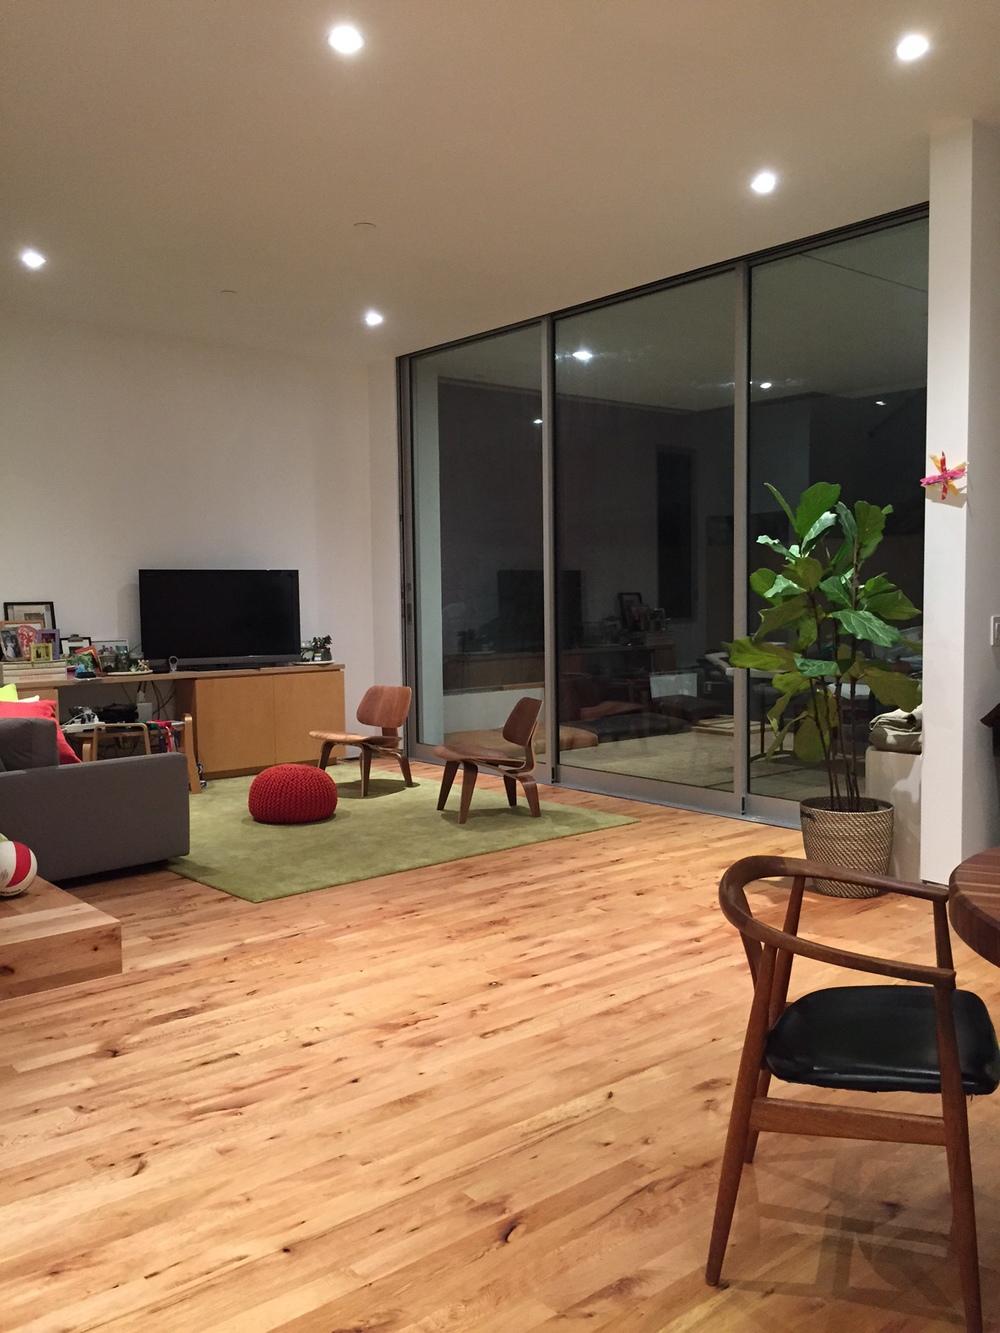 Flaxton:  Interior